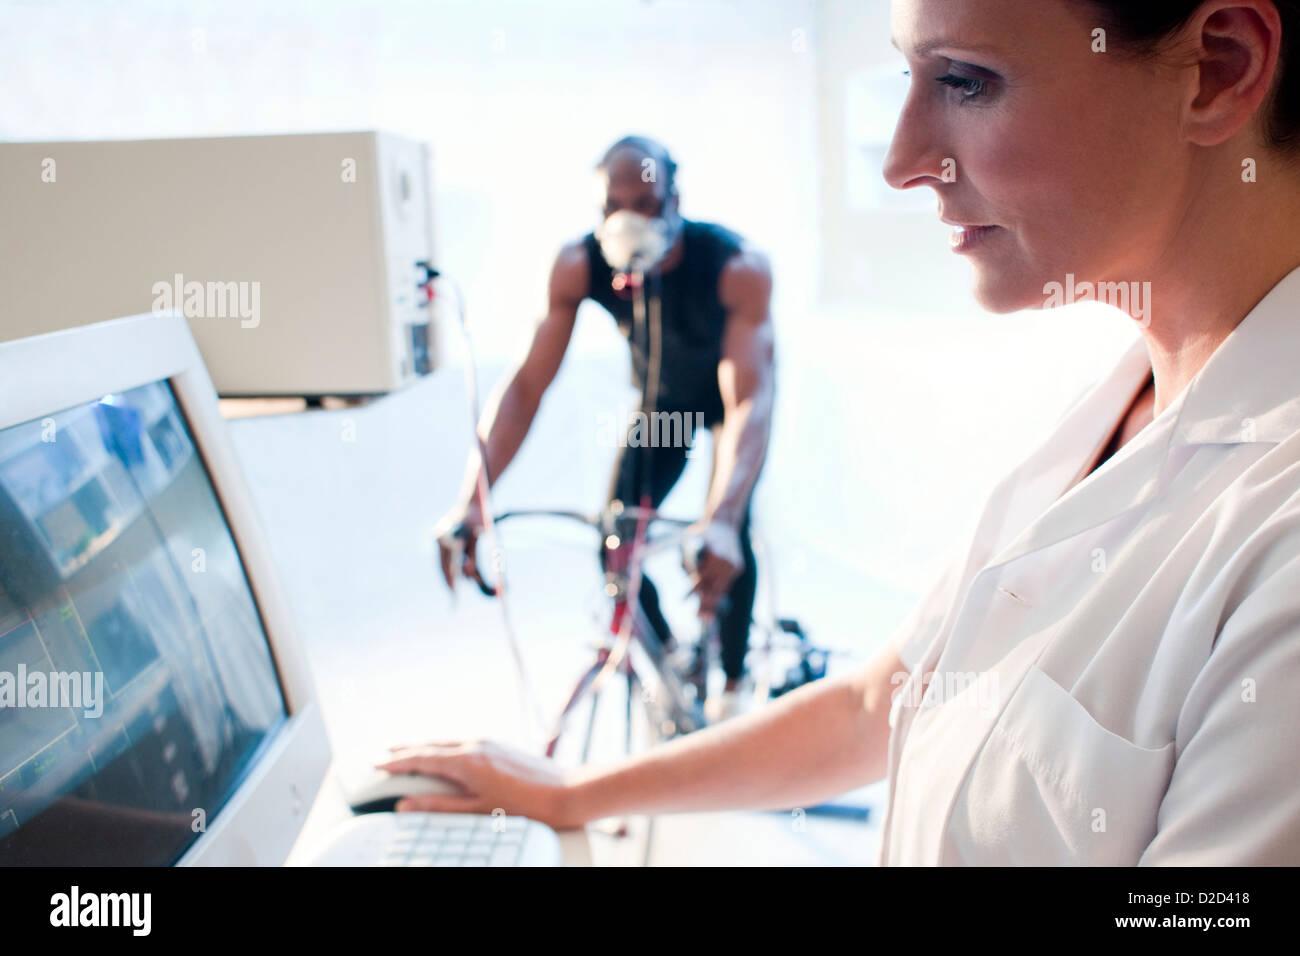 Pruebas de rendimiento liberados modelo deportista montando una bicicleta de ejercicio mientras su rendimiento y Imagen De Stock